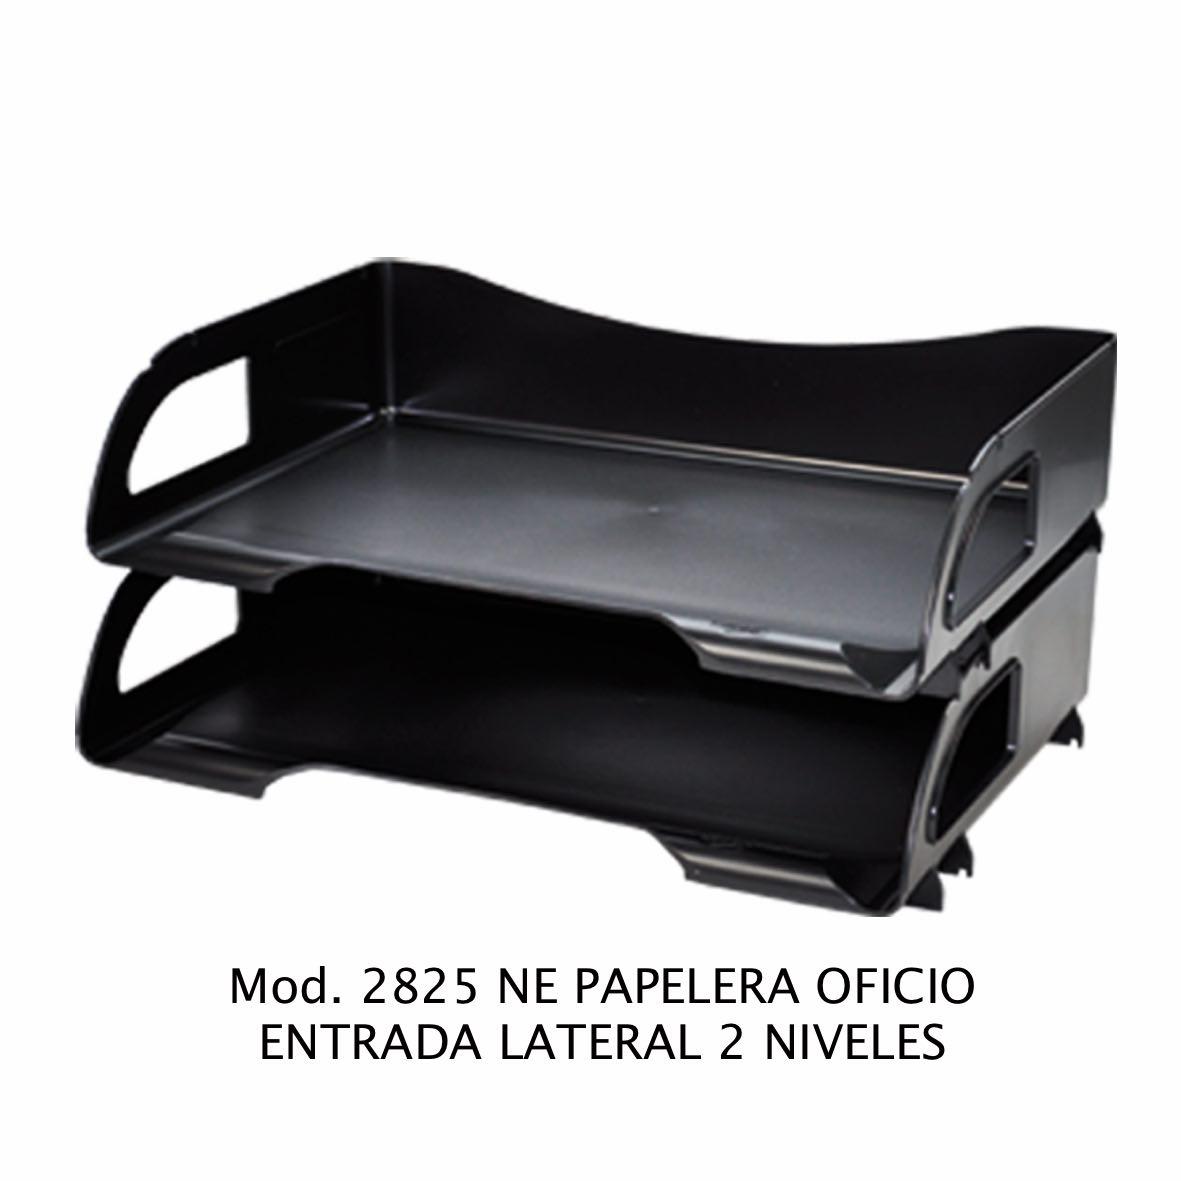 Charola de escritorio tamaño oficio de 2 niveles con entrada lateral color negro Modelo 2825 NE - Sablón